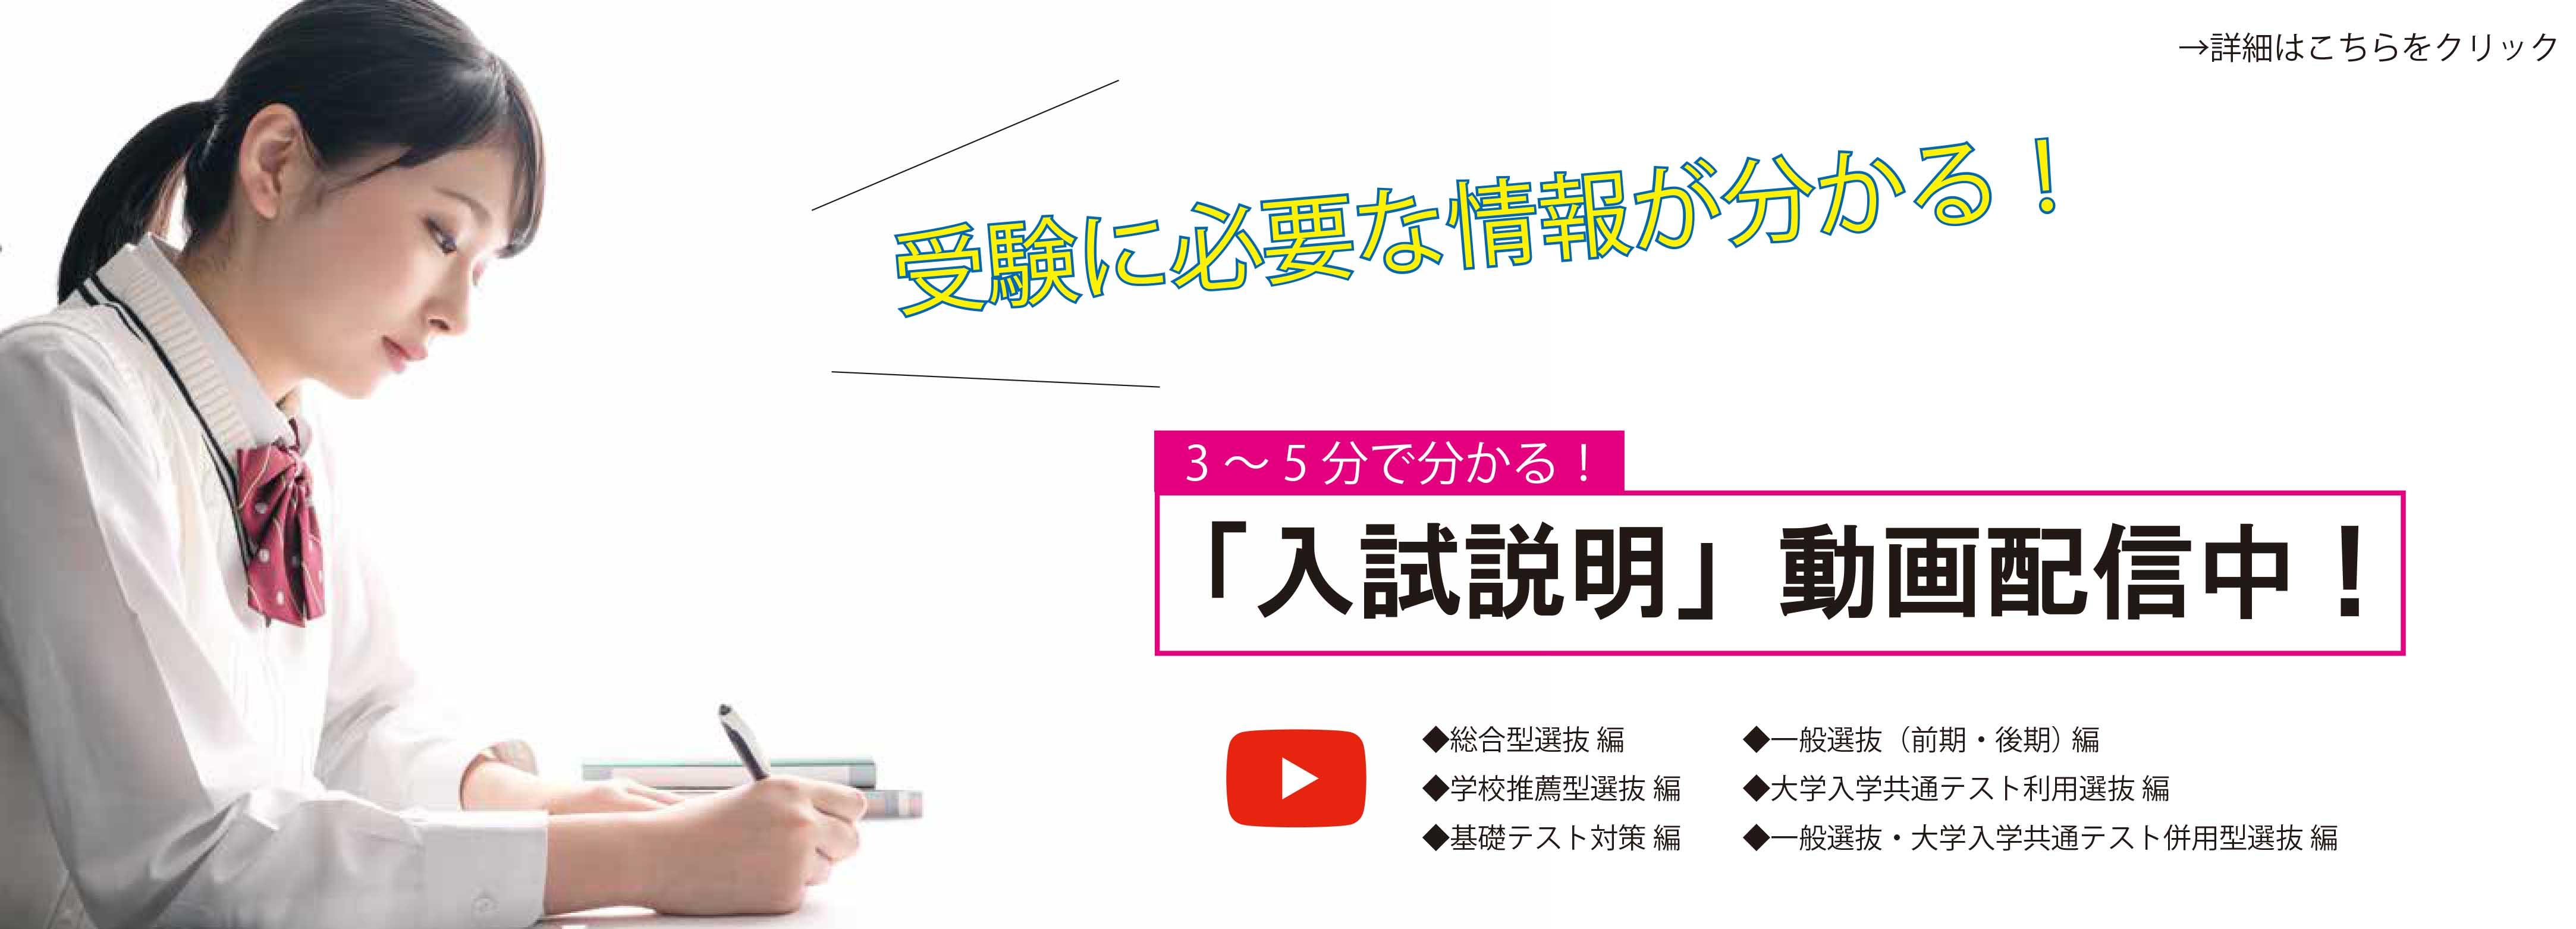 「入試説明」動画公開中!